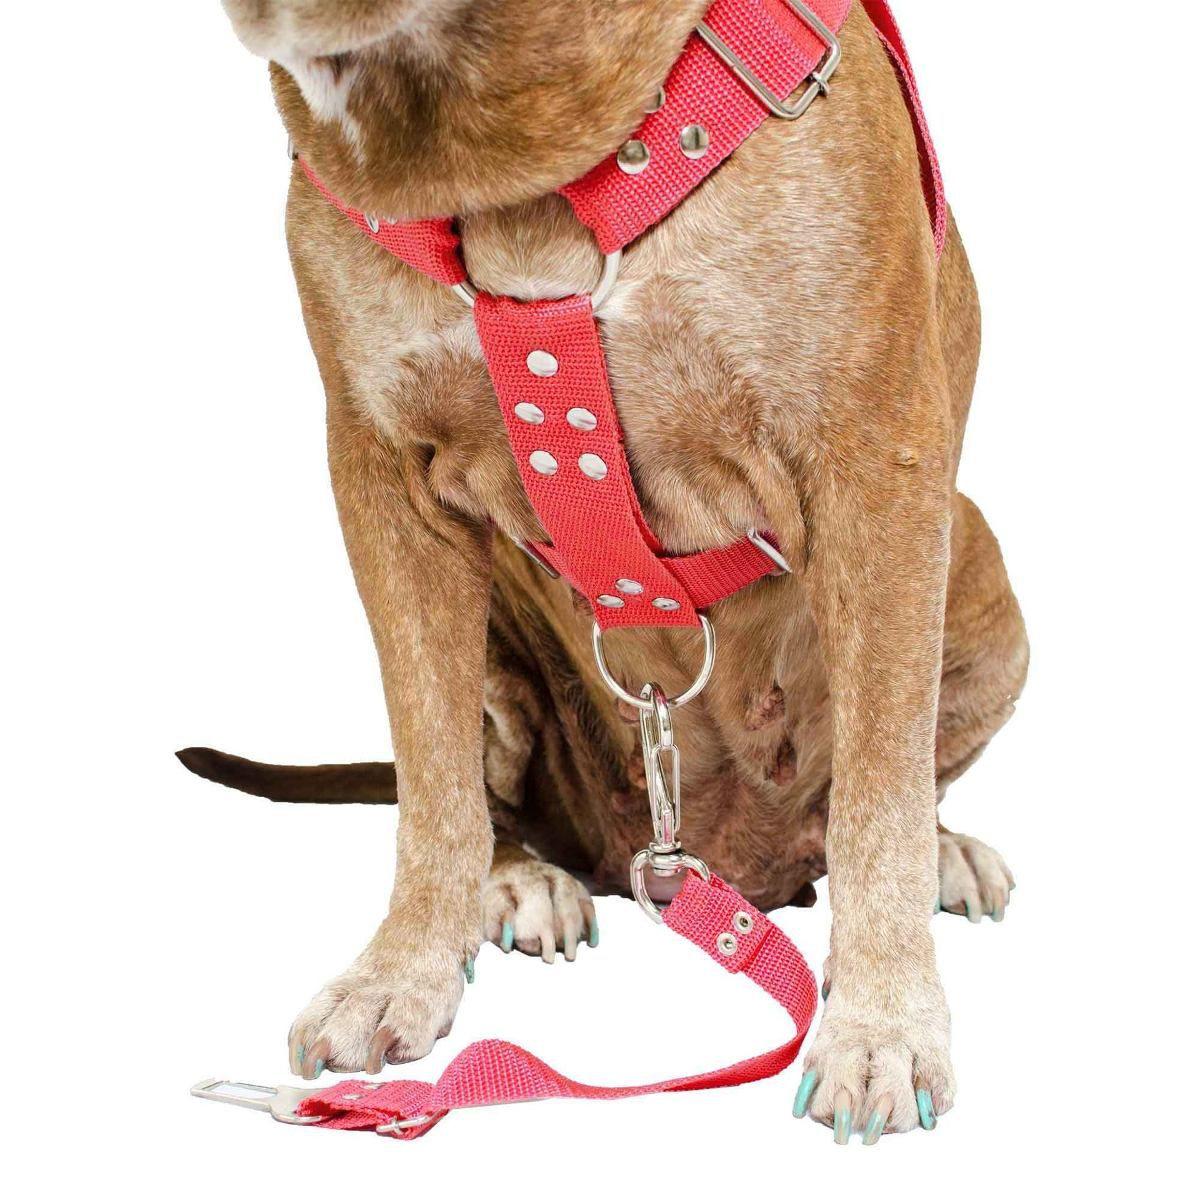 Coleira Peitoral Cachorro Porte Maior E Adaptador Para Cinto de Segurança Veicular Tamanho M - Cor Vermelha